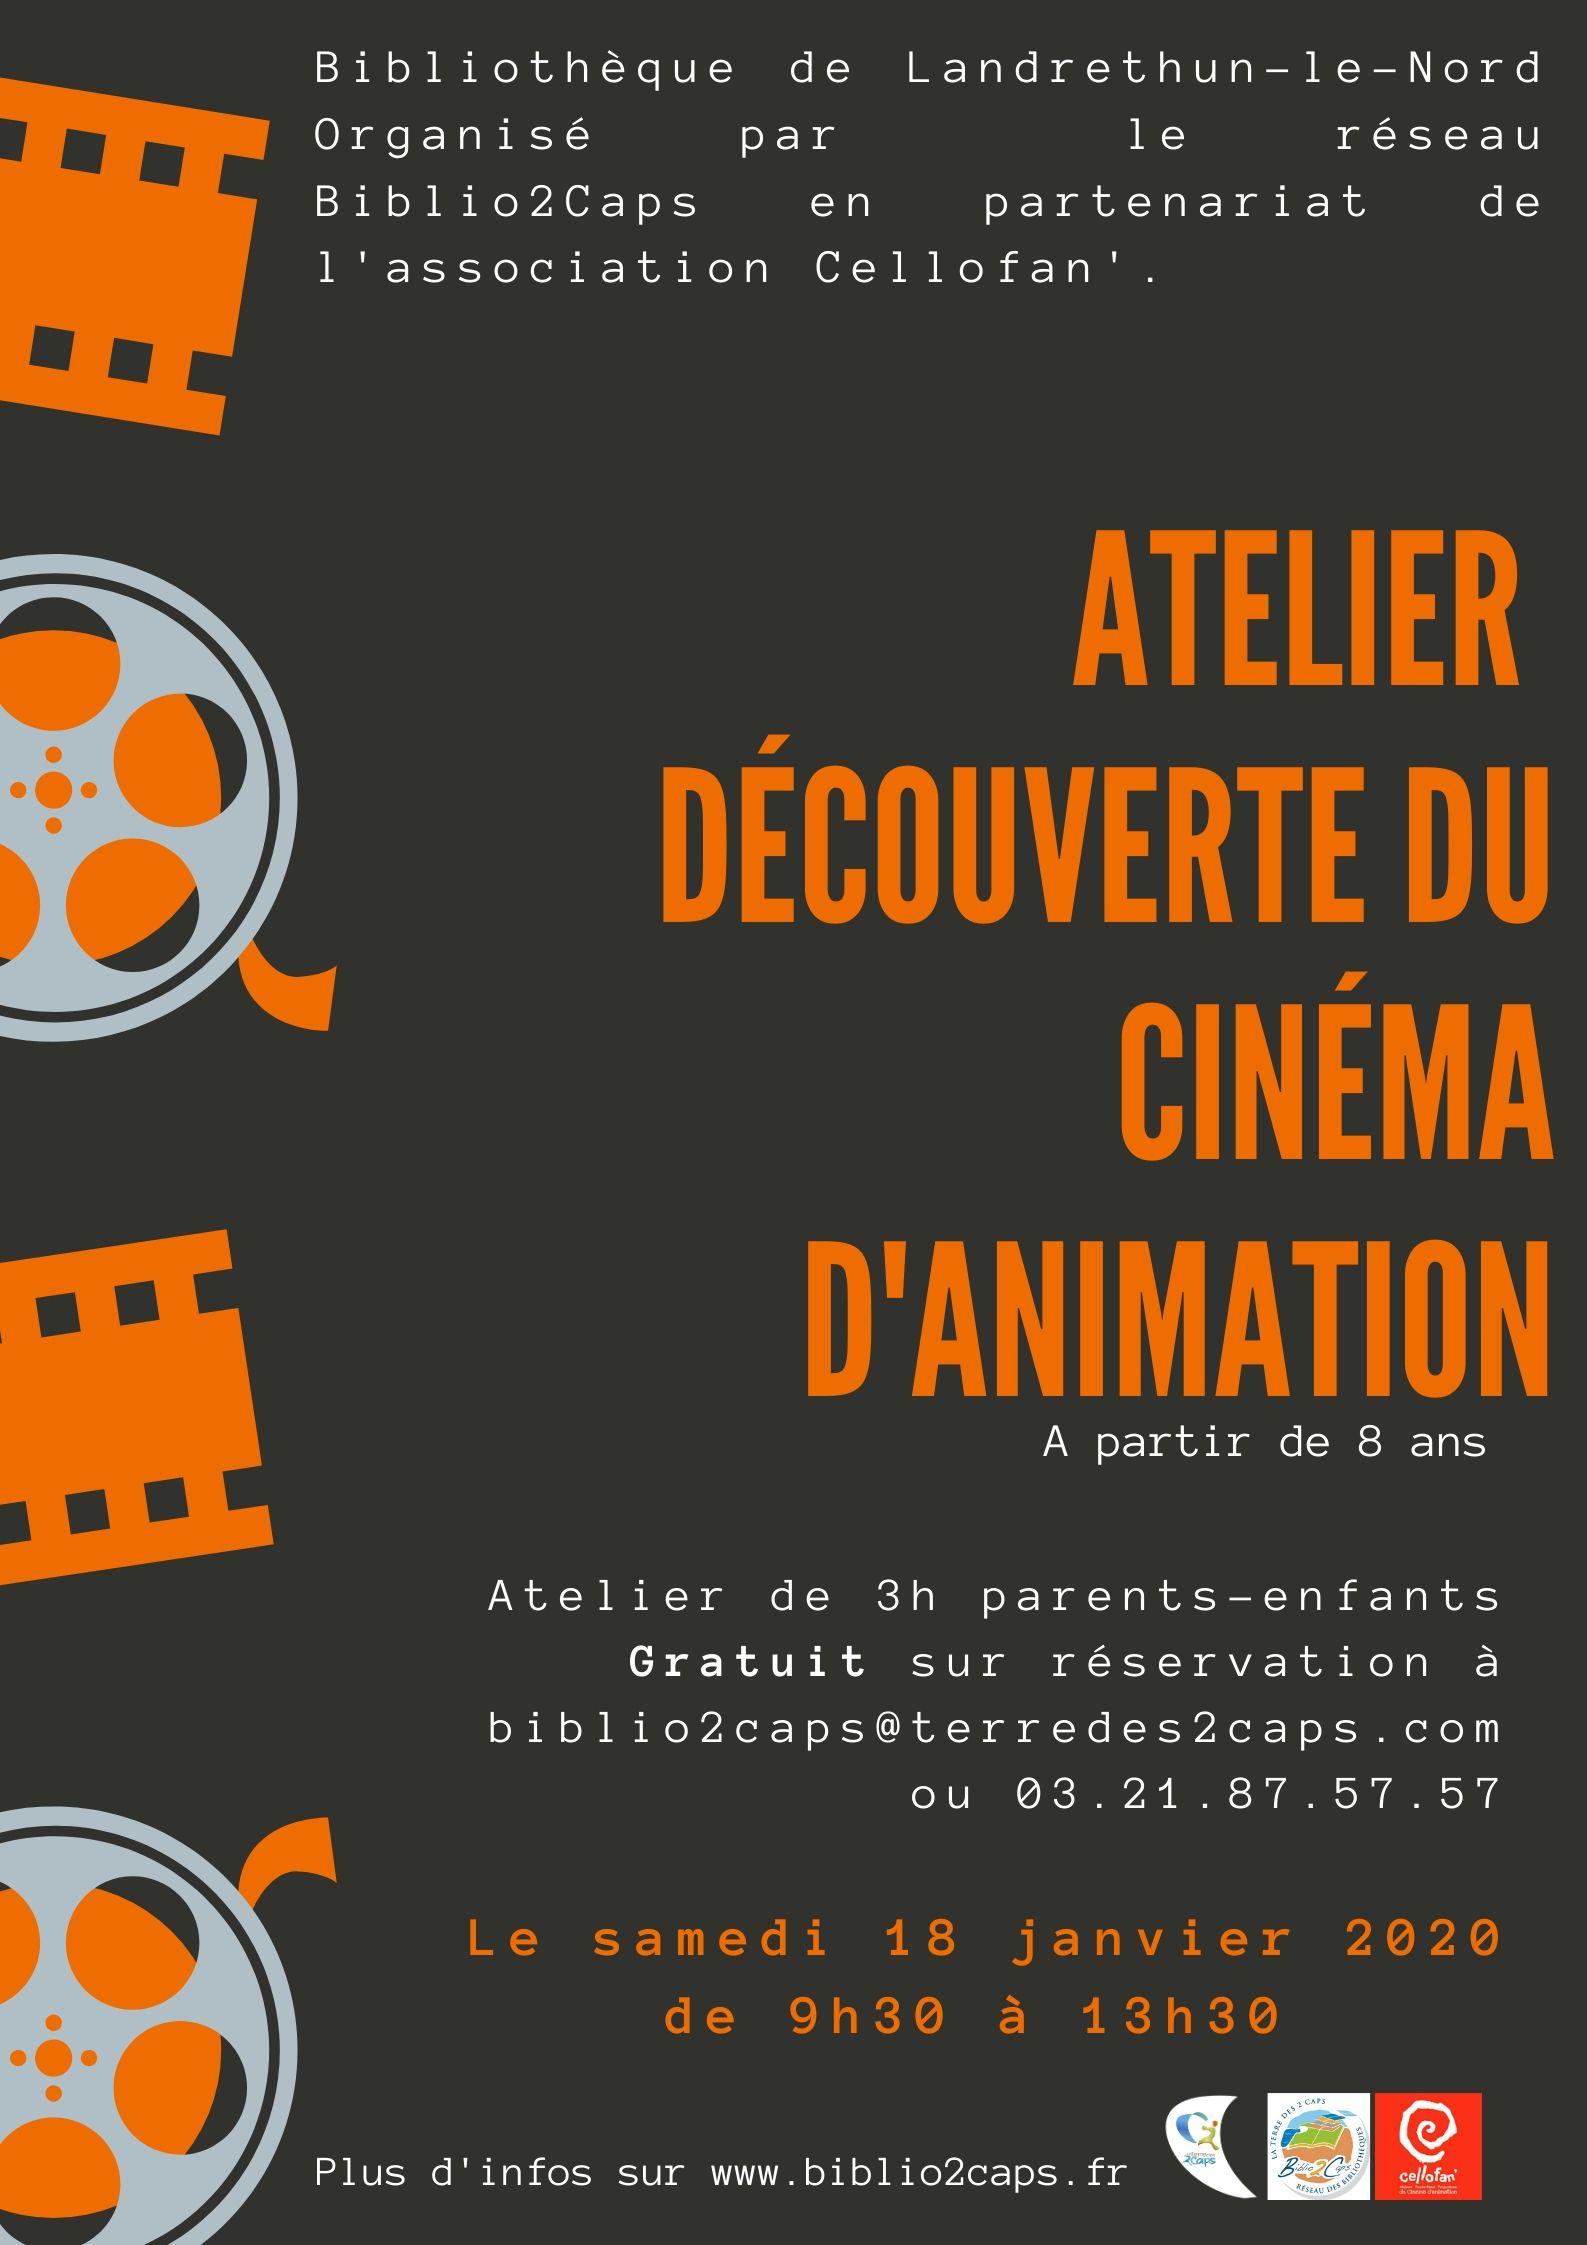 Atelier découverte du cinéma d'animation |